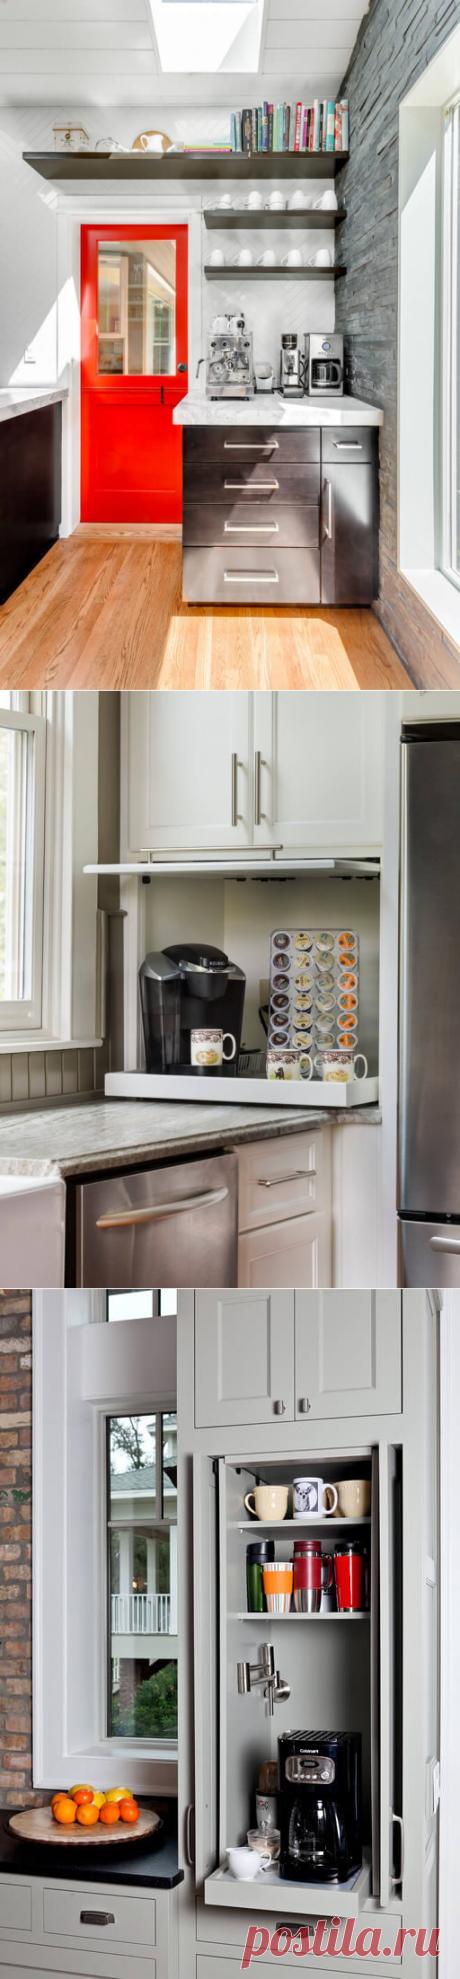 8 лучших способов создать атмосферу уютного кафе у себя на кухне | В темпі життя